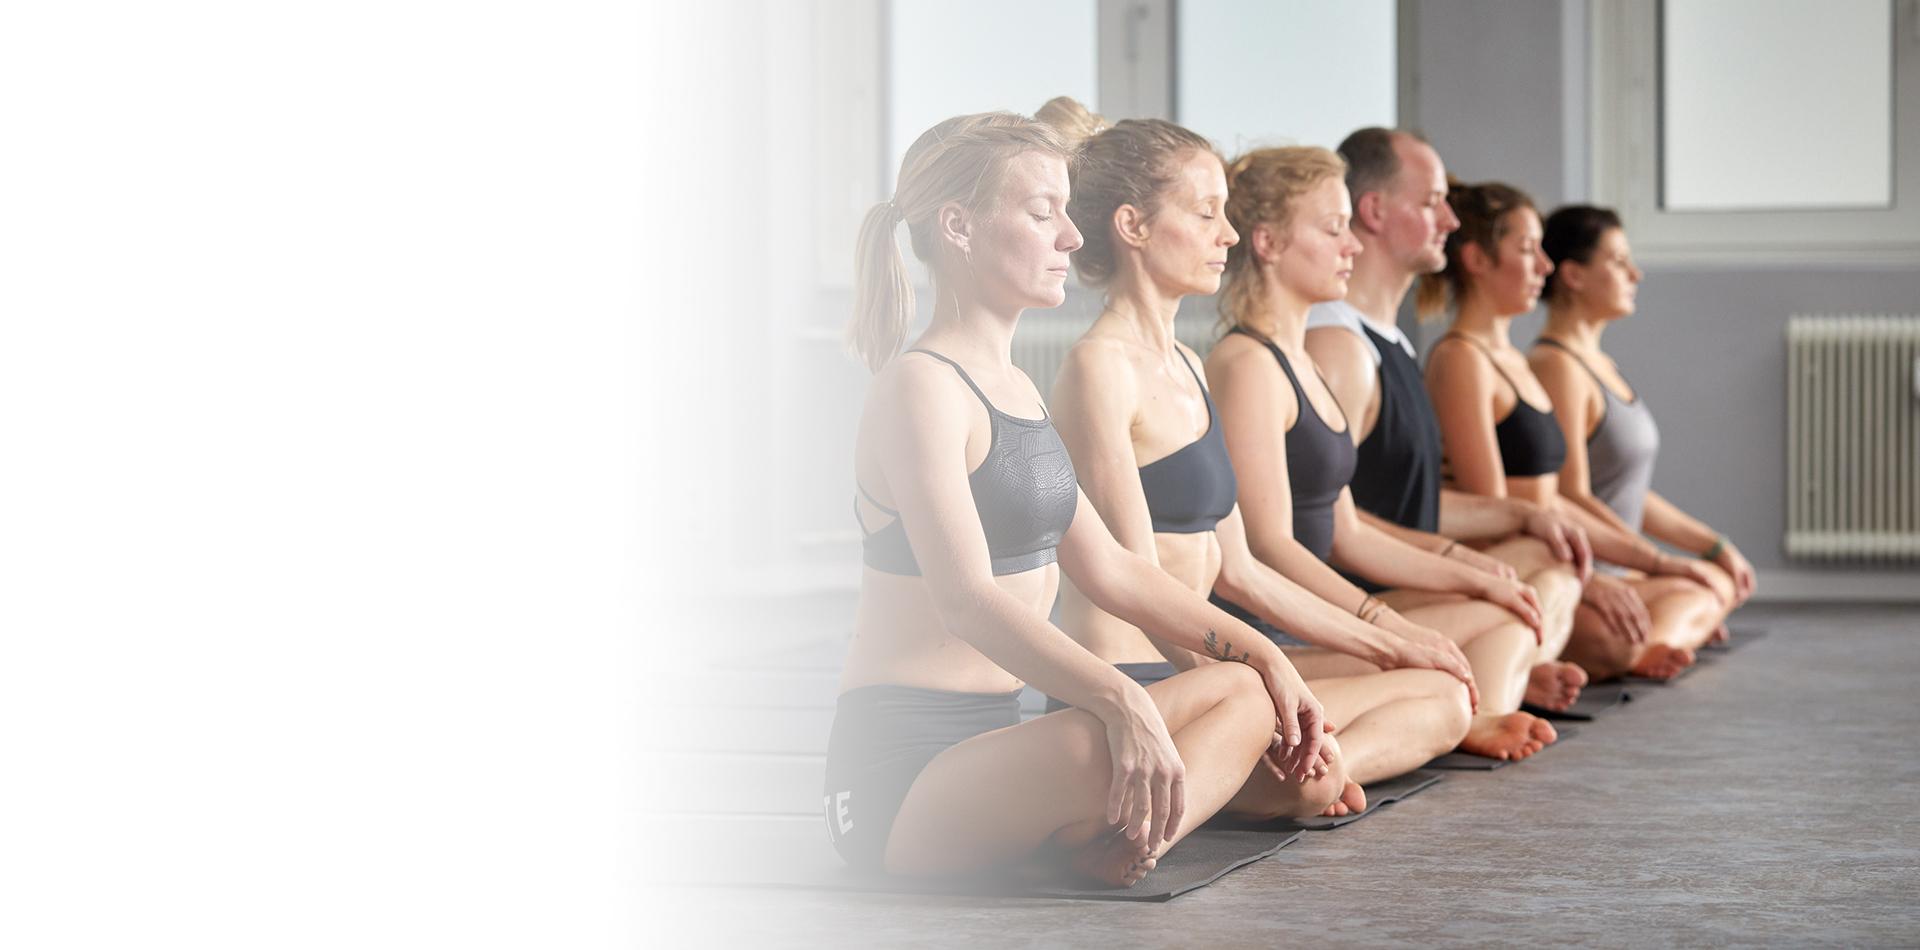 Sexy Yogalehrerin Gibt Schüler Ein Extra